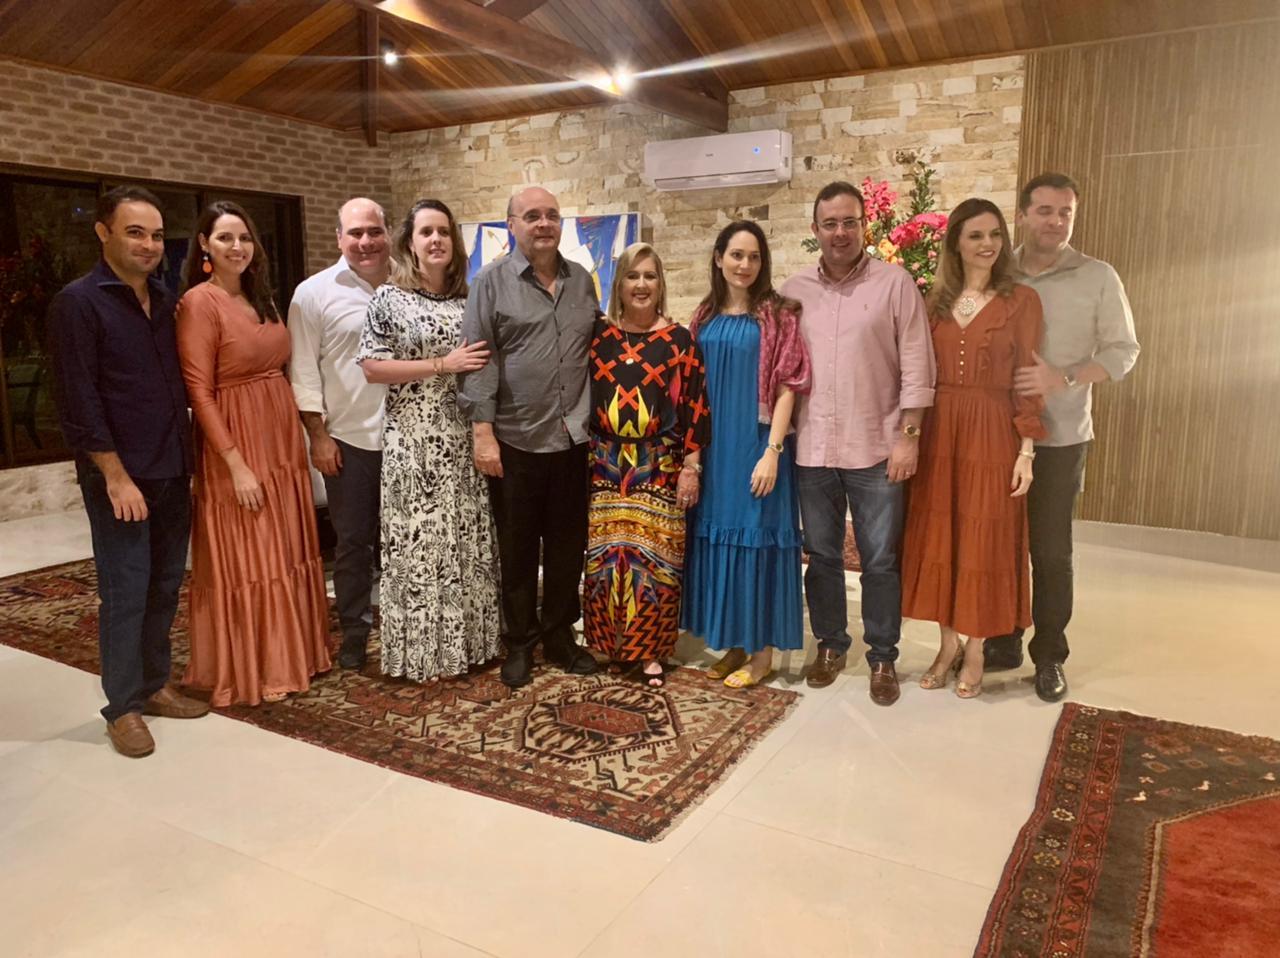 Família reunida para celebrar a vida da querida Teresa Gurgel. (Foto: Divulgação)